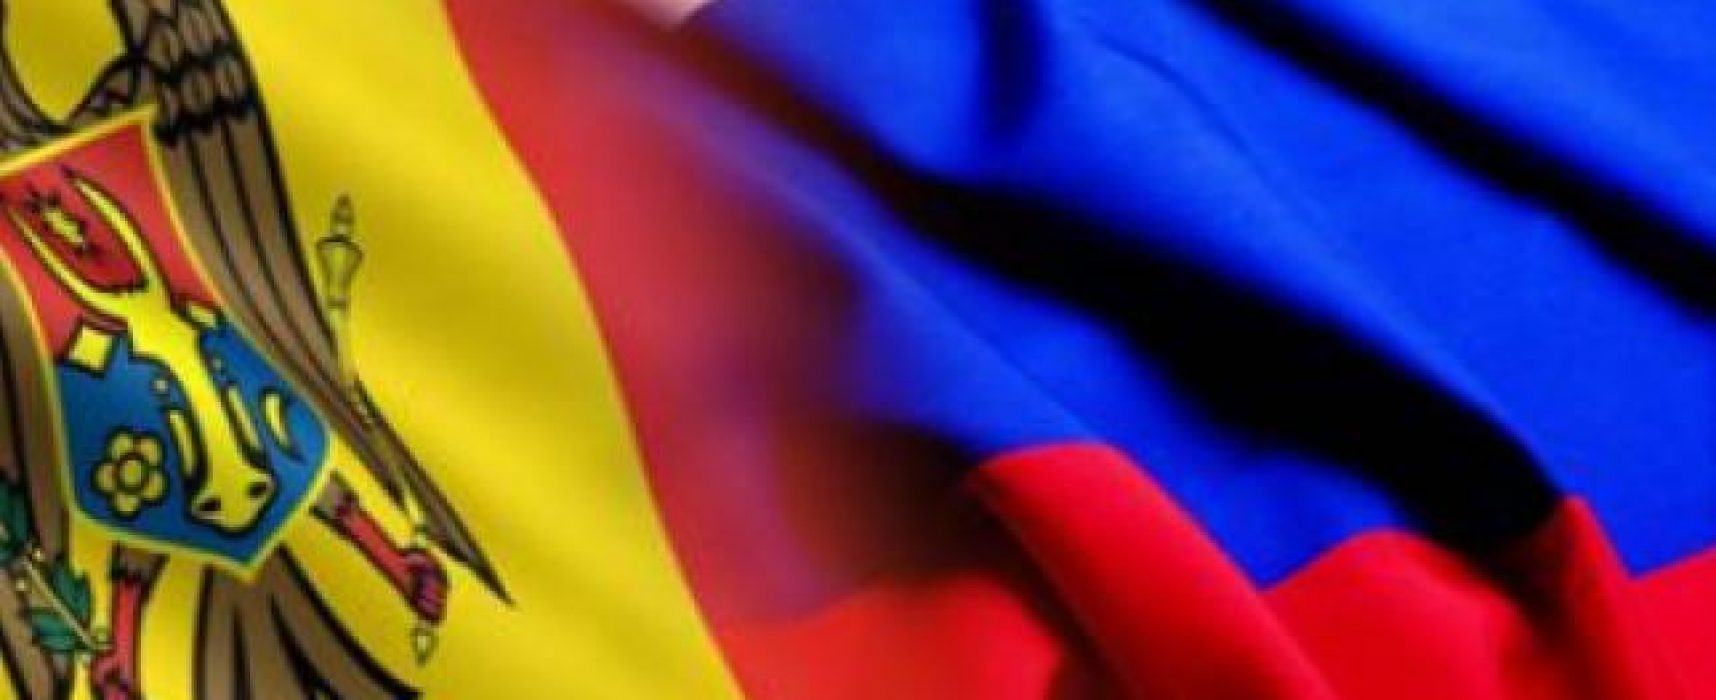 Журналистов «России-1» и «Звезды» не пустили в Молдову